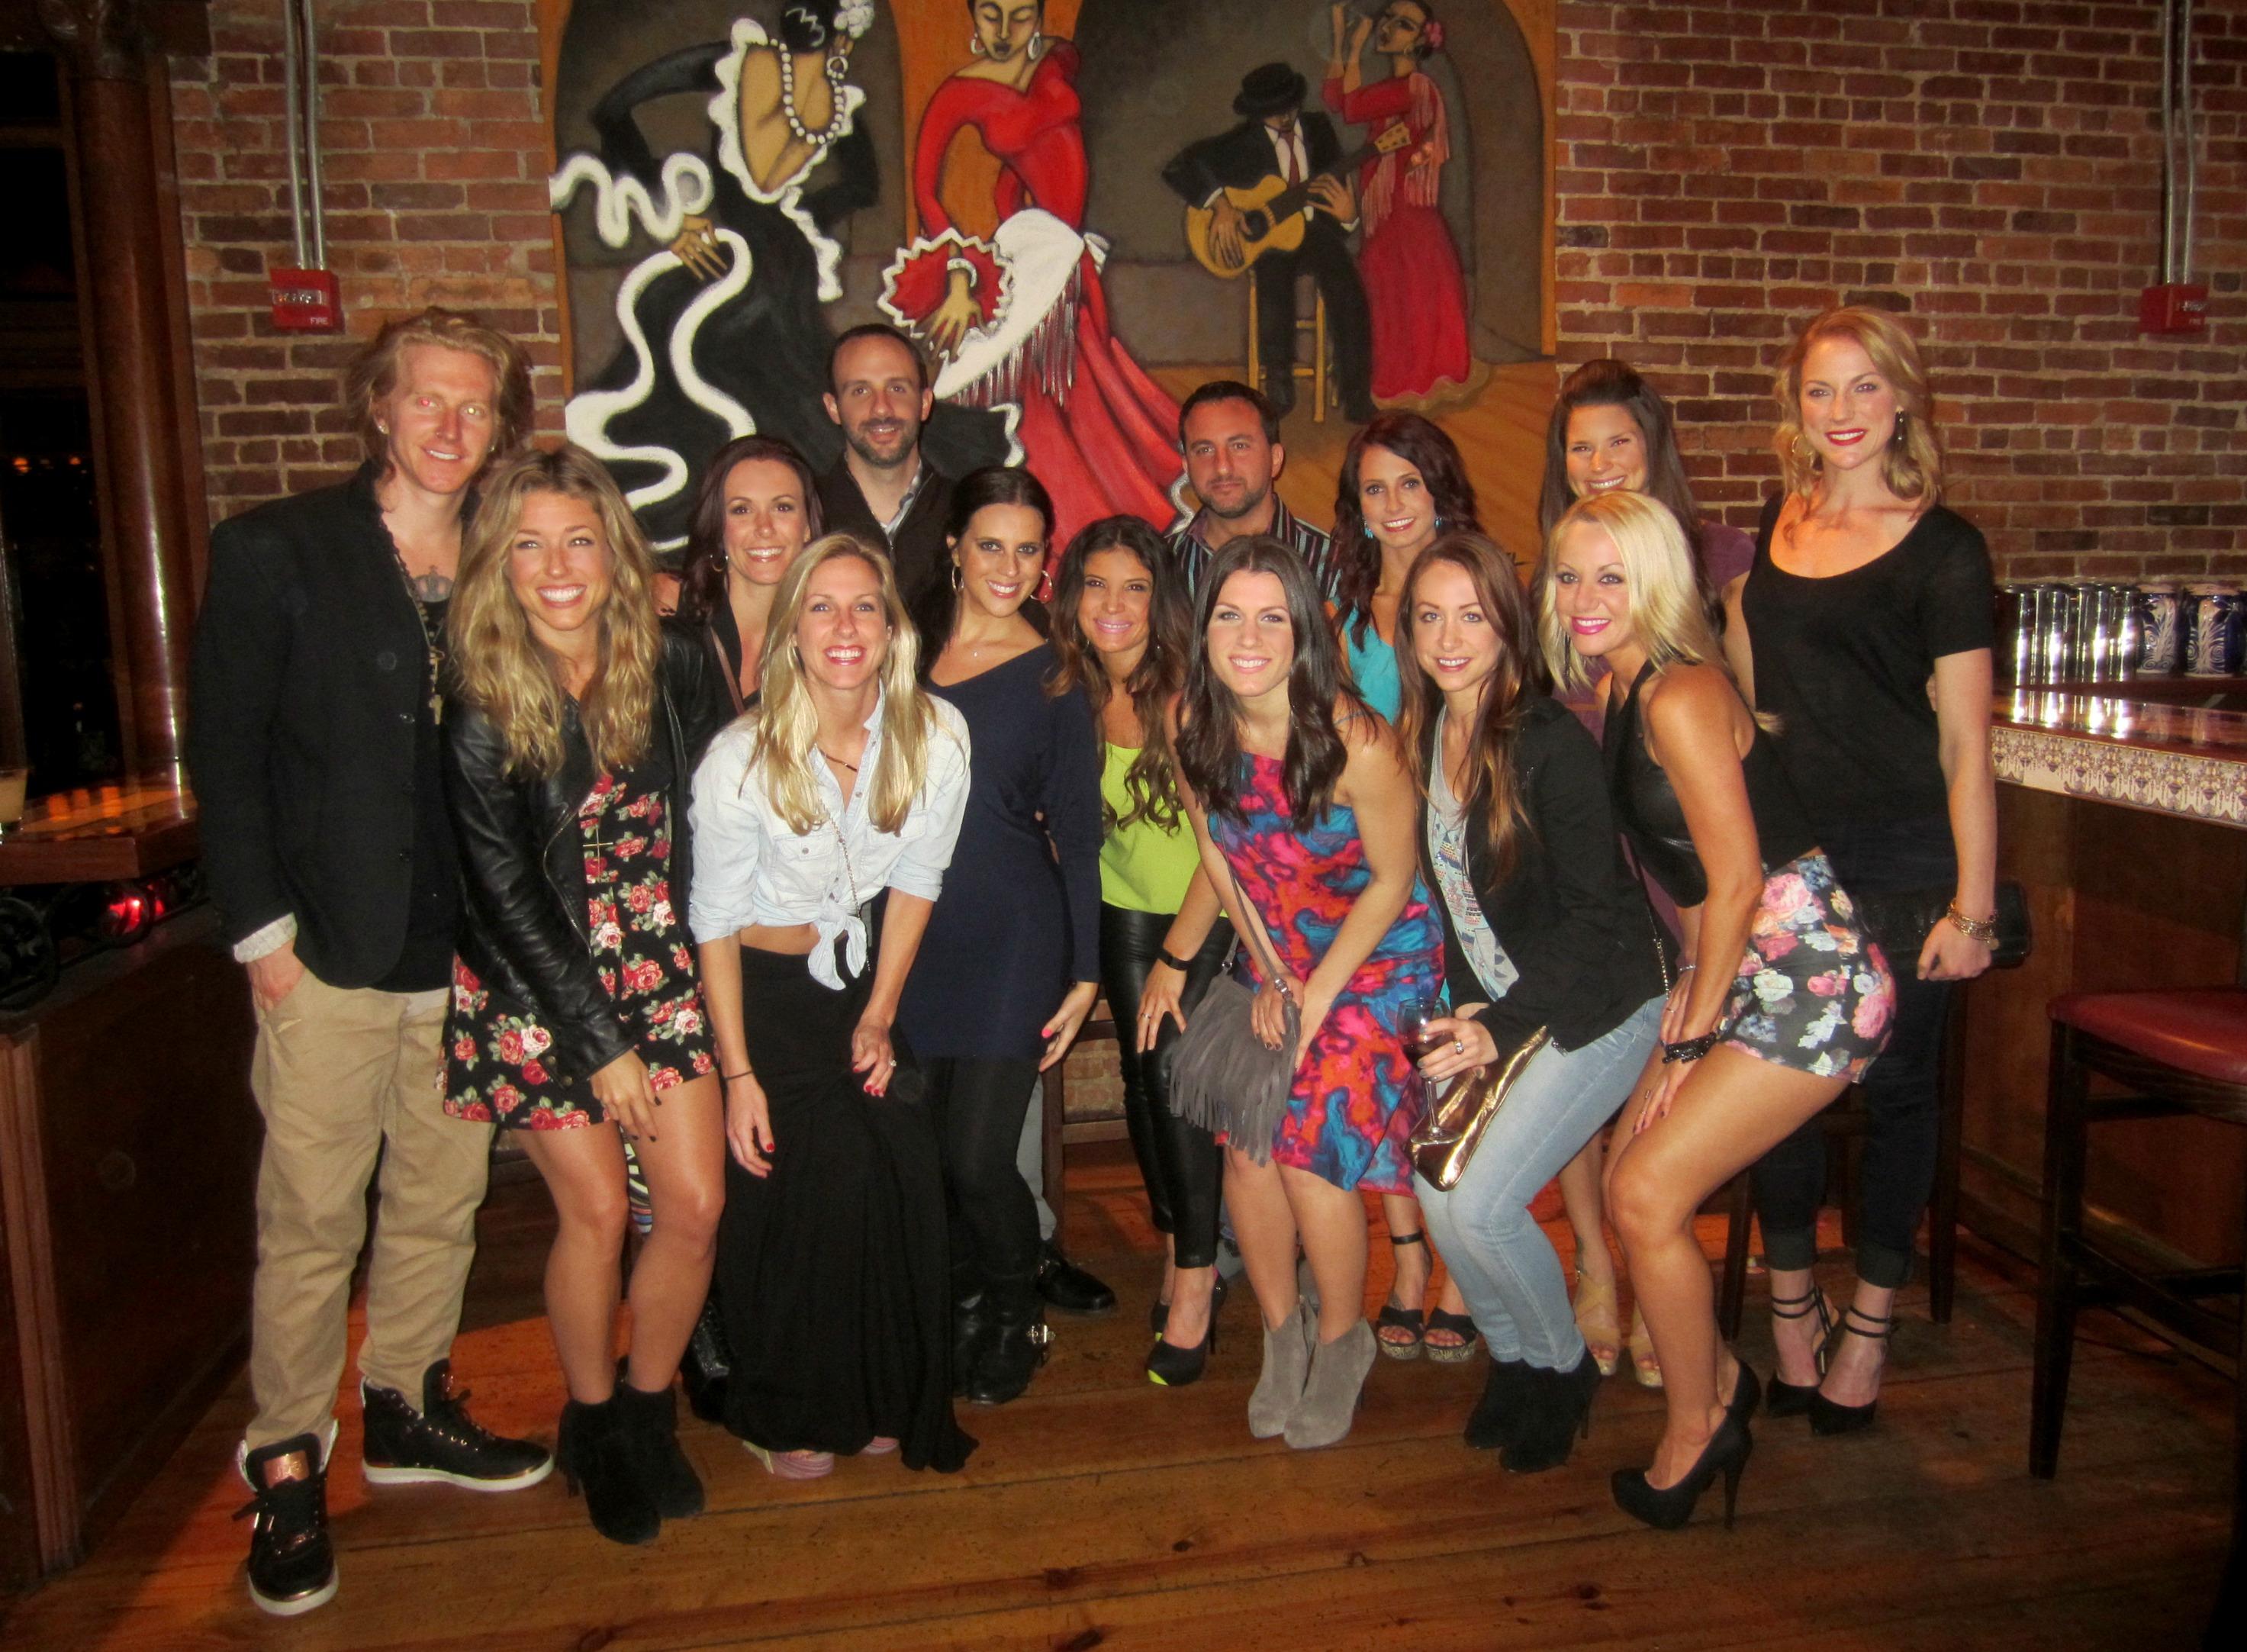 Orlando Amp Florida Life In Leggings